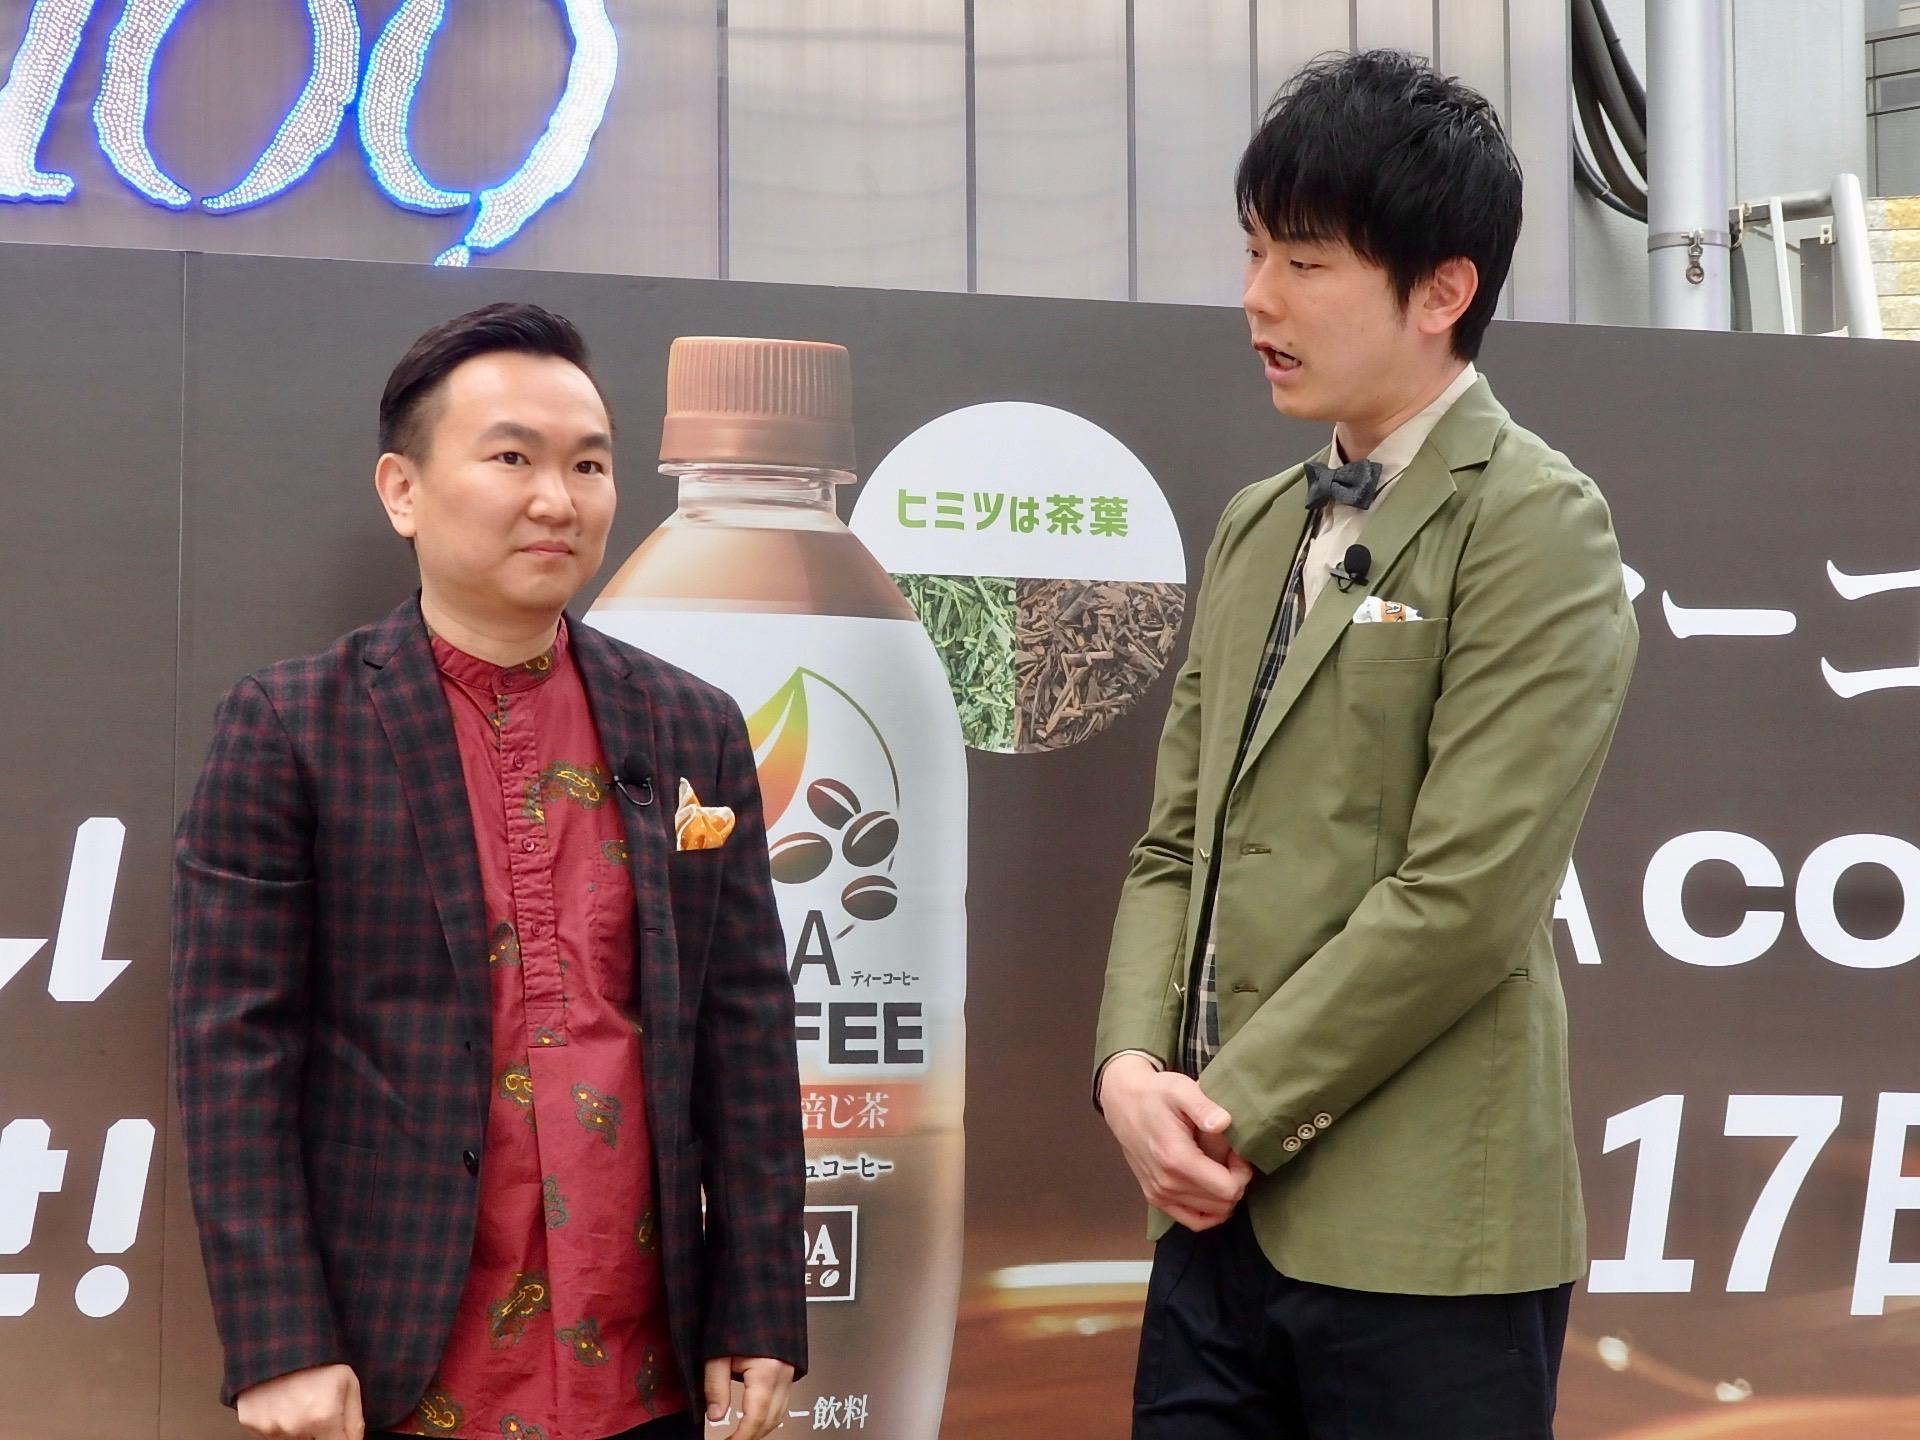 http://news.yoshimoto.co.jp/20180414165053-5ced9d149a8da81879285324d8513fbd67ef41f3.jpg